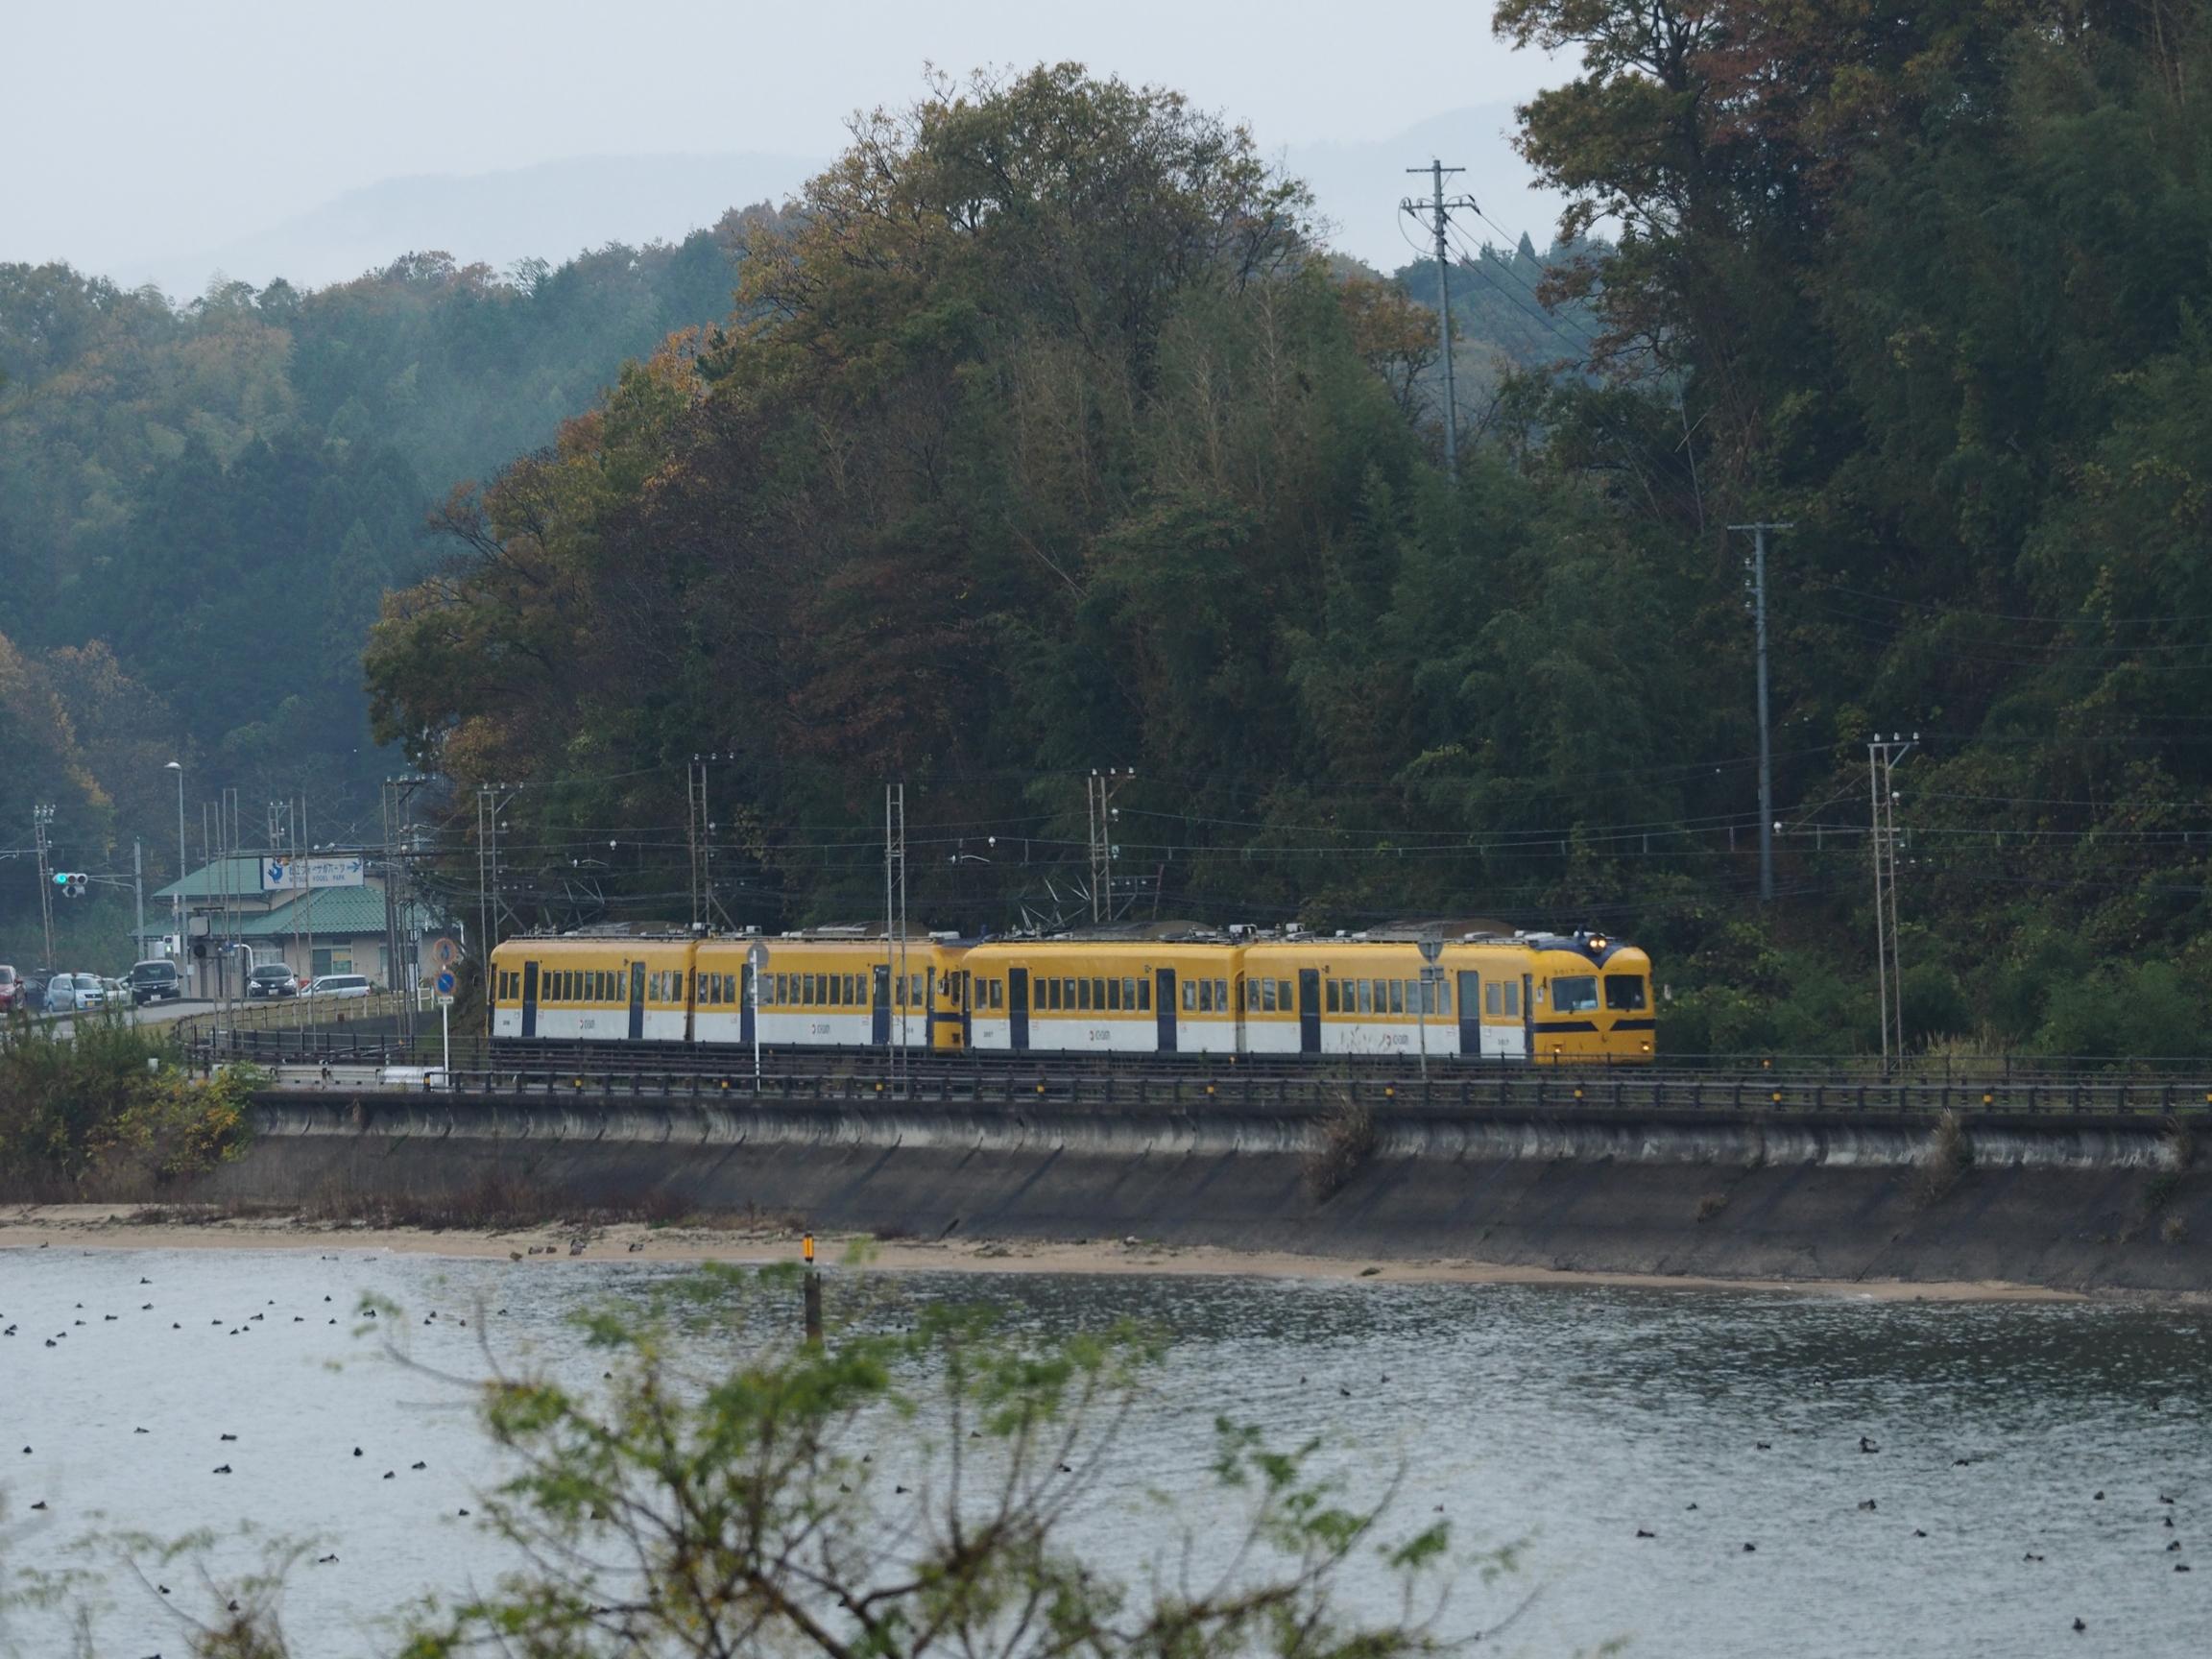 一畑電車-3000系4両運転イベント-秋鹿道の駅